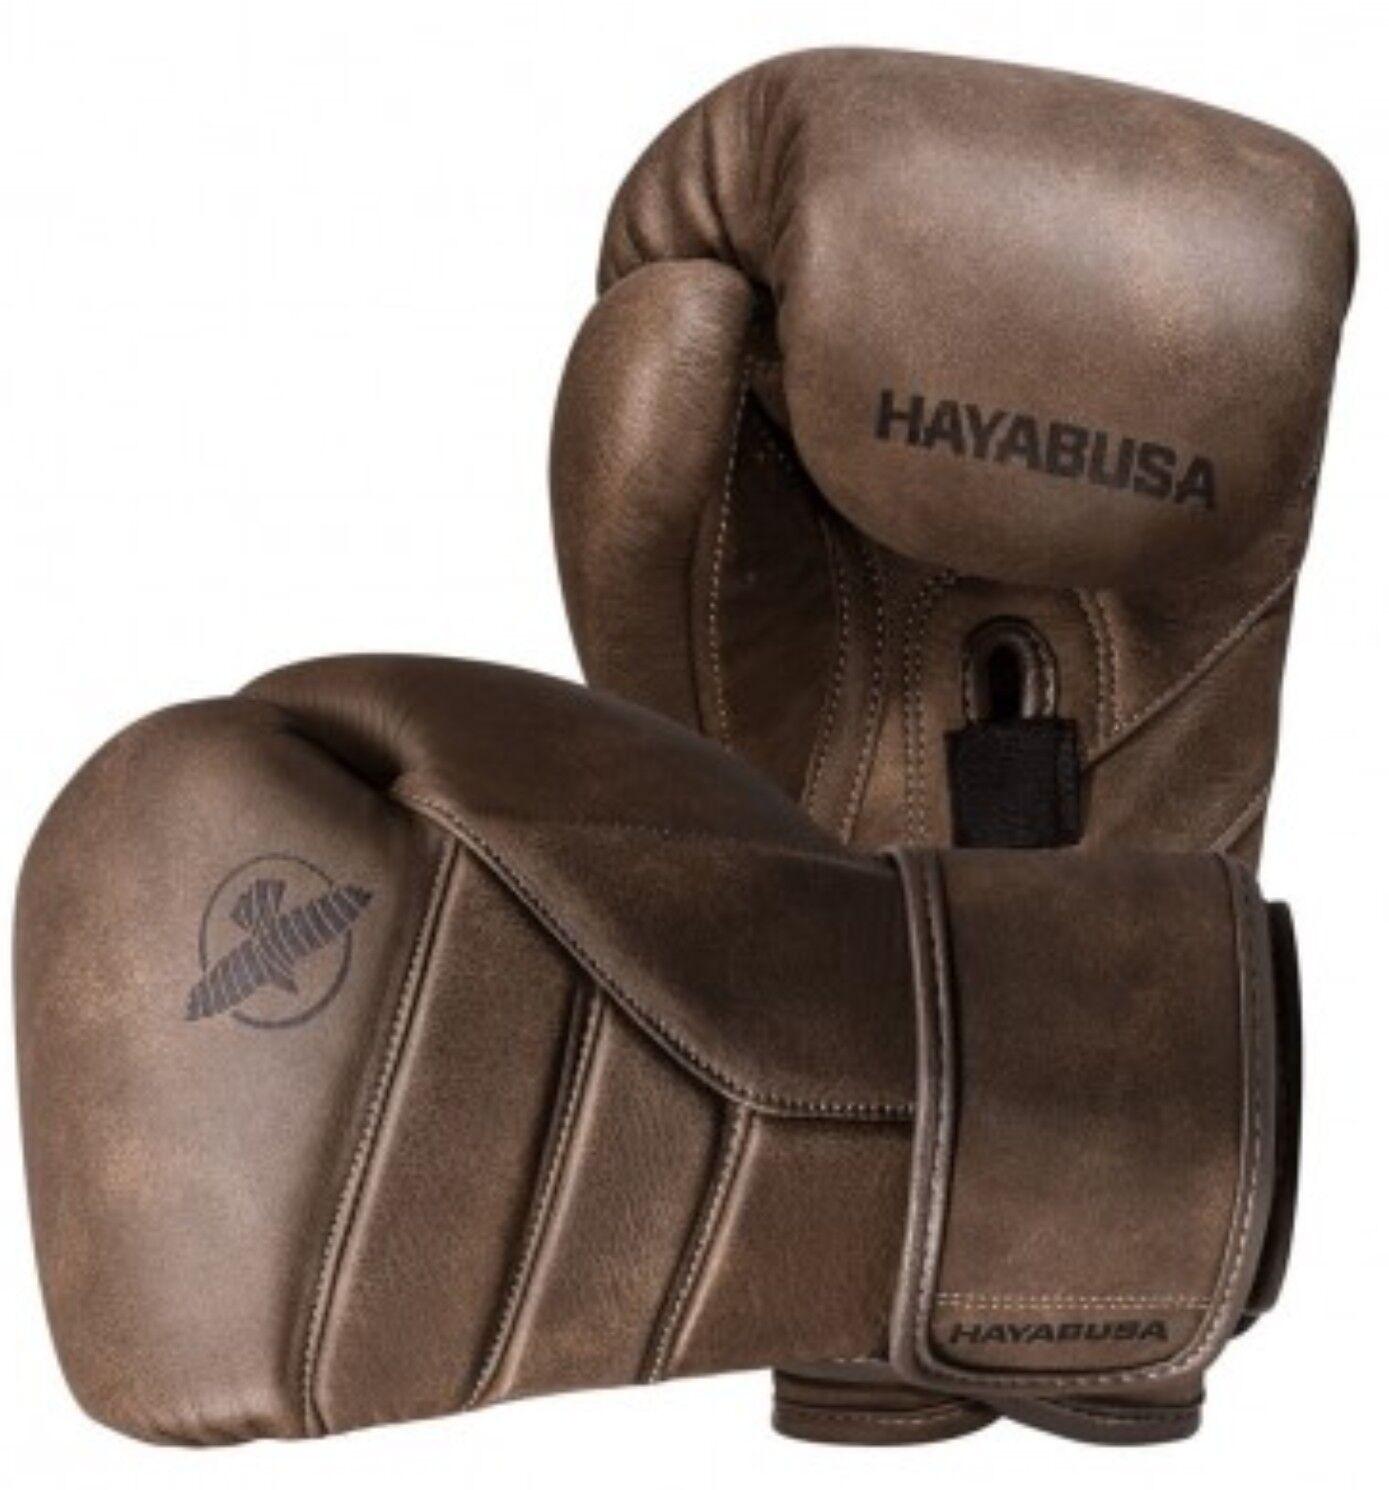 Hayabusa T3 Kanpeki 16oz Boxing Gloves